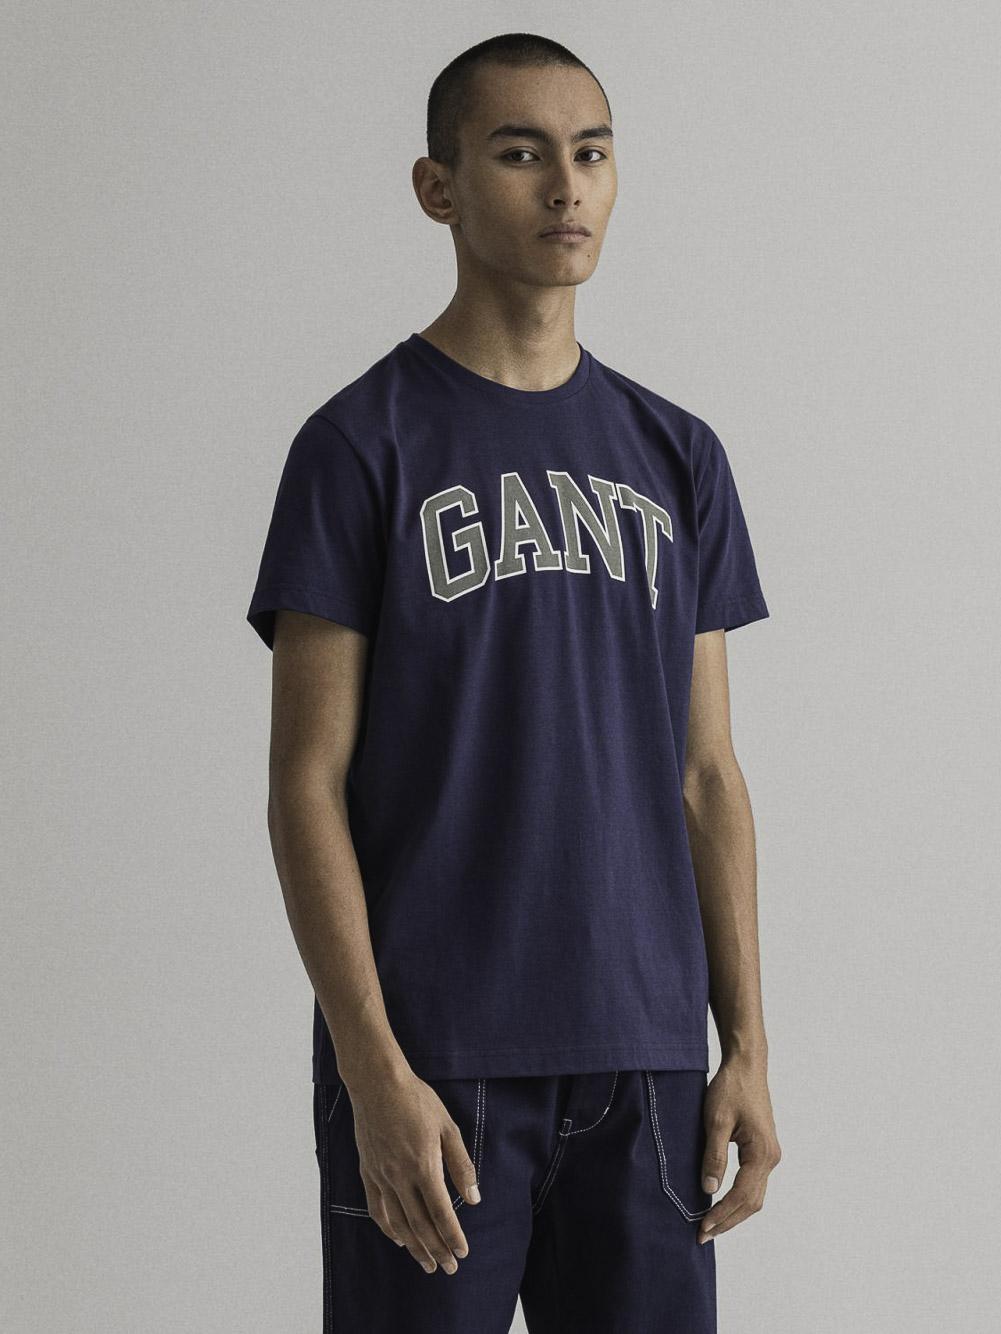 GANT Μπλούζα t-shirt 3G2003007-433 ΣΚΟΥΡΟ ΜΠΛΕ